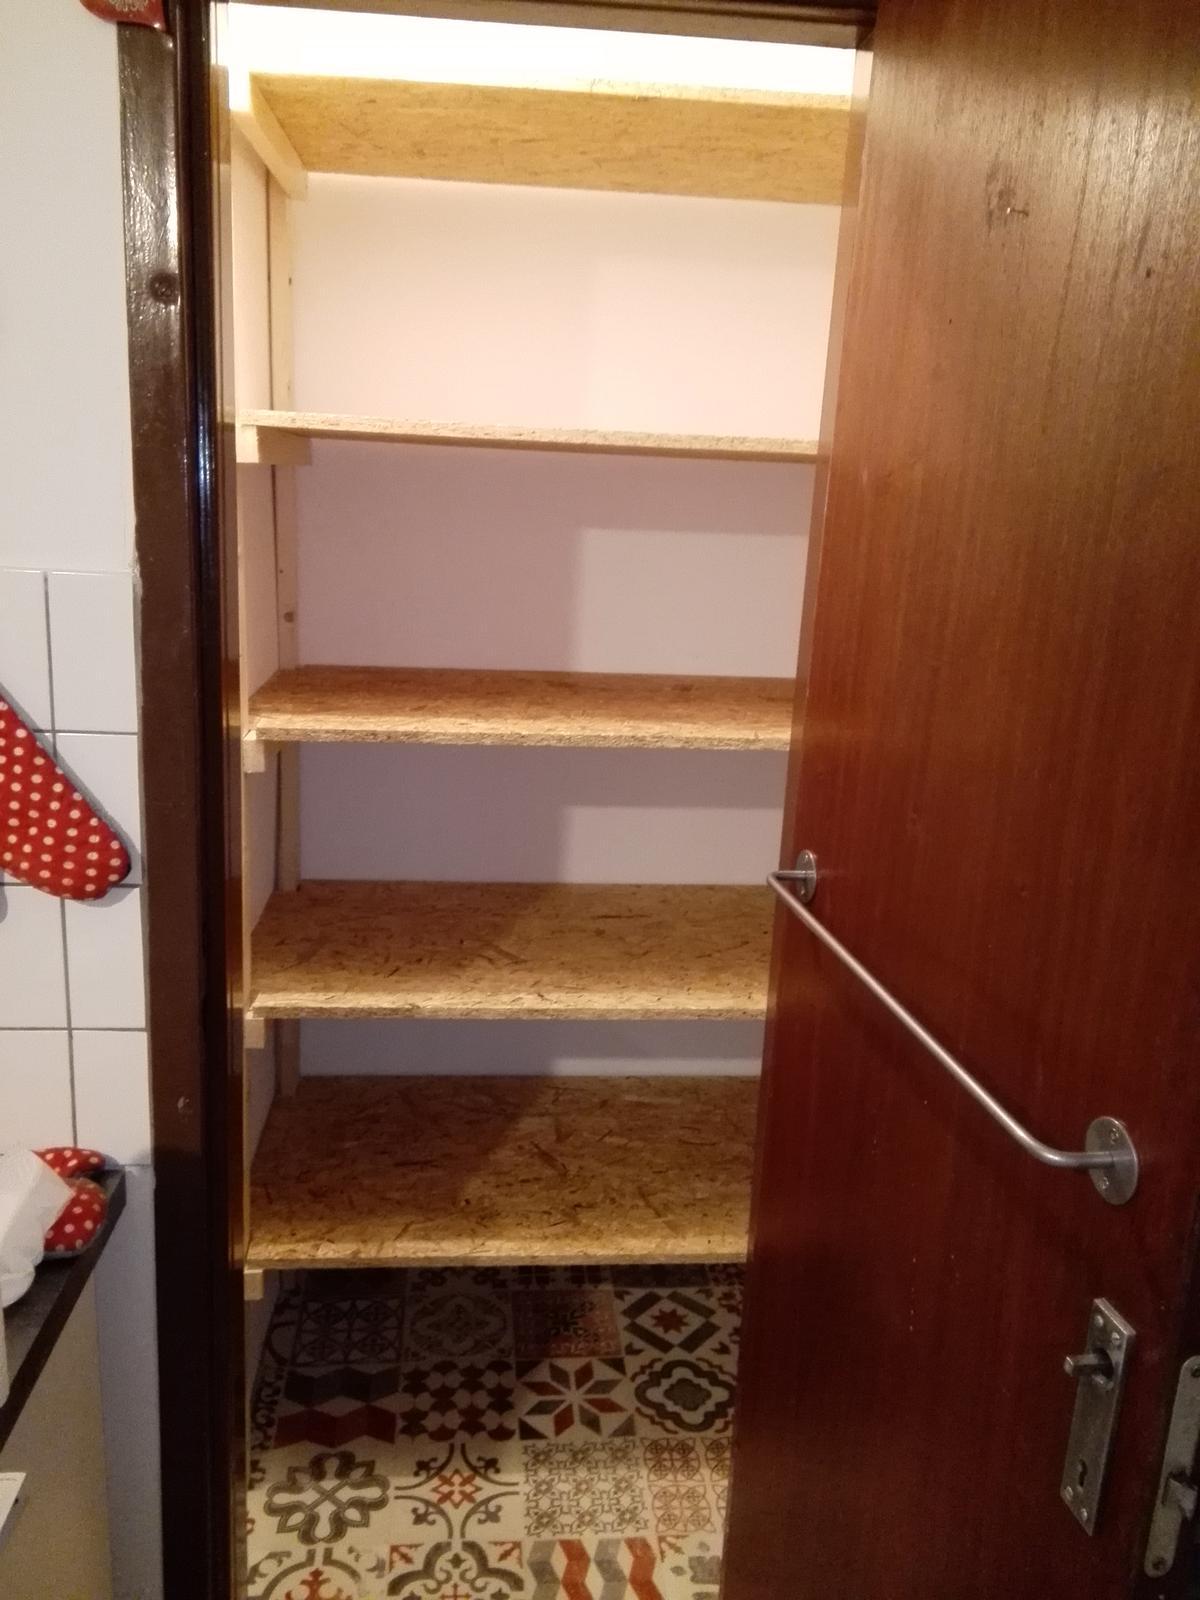 Kuchyňa - Konecne sme spravili nove police do spajze :-) na rade su dvere :-)